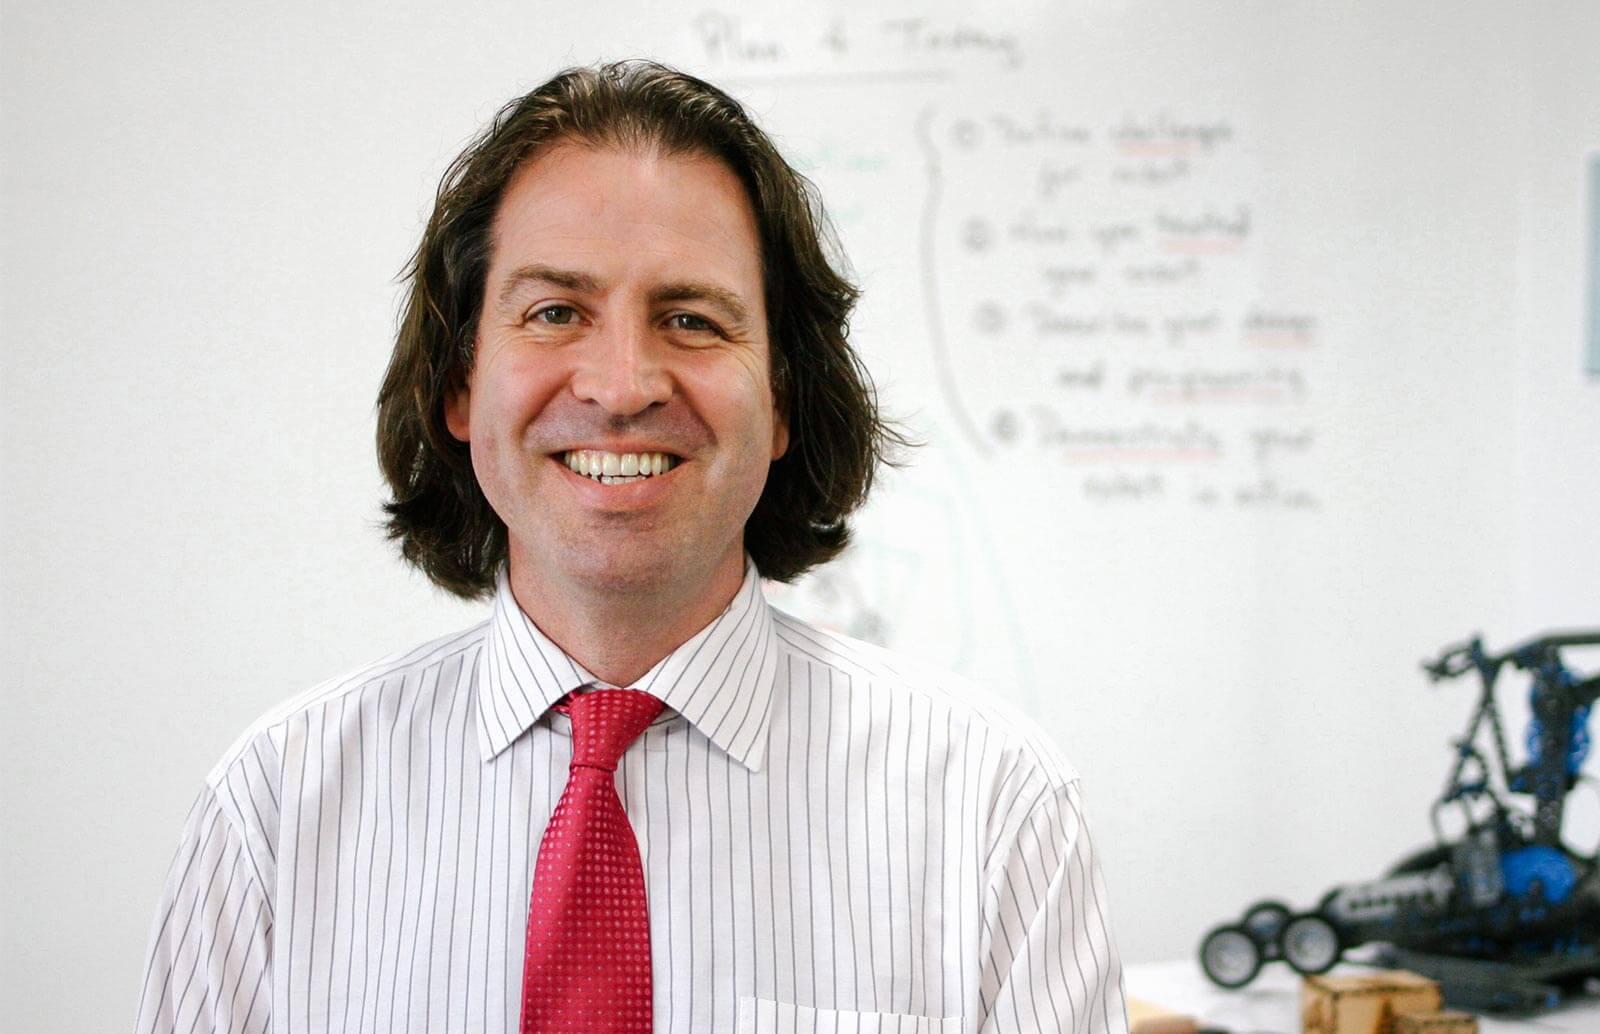 Warren Apel, Director of Technology